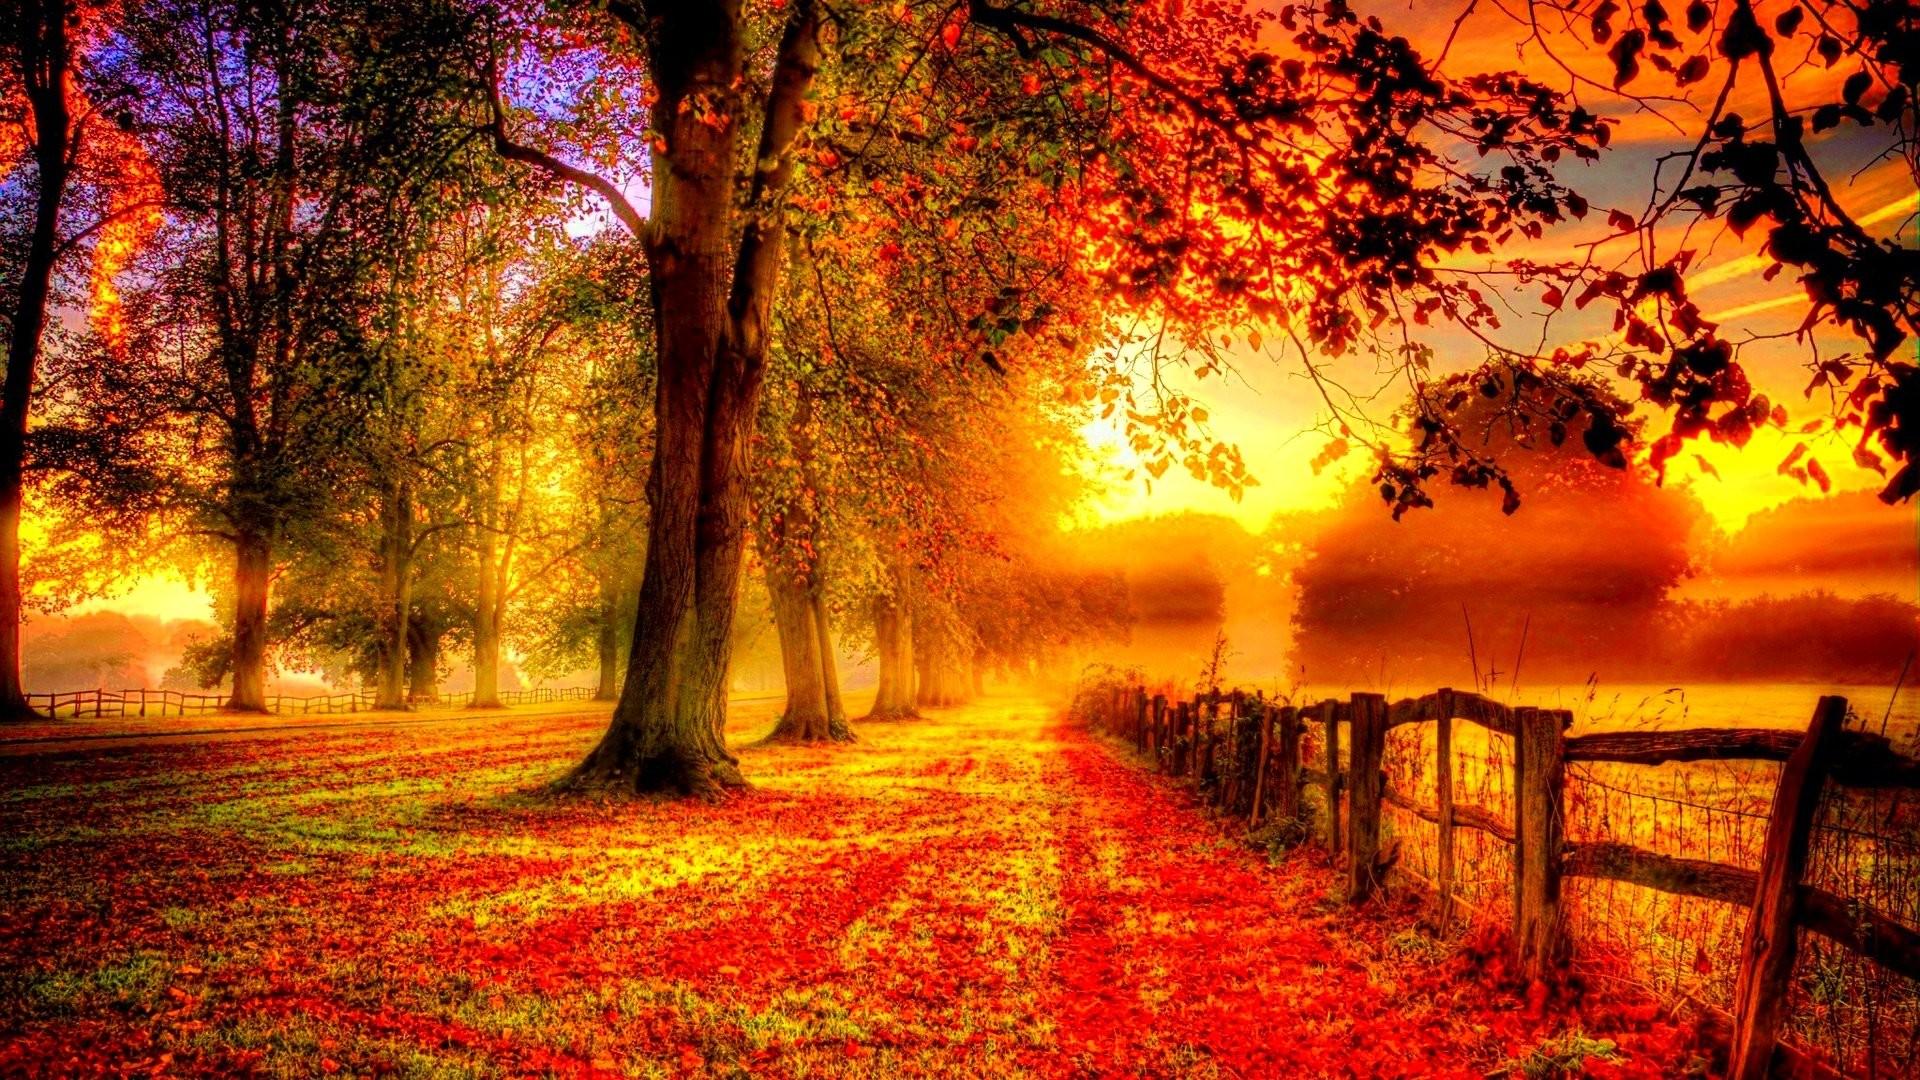 Nature & Landscape Season Autumn wallpapers (Desktop, Phone, Tablet ...